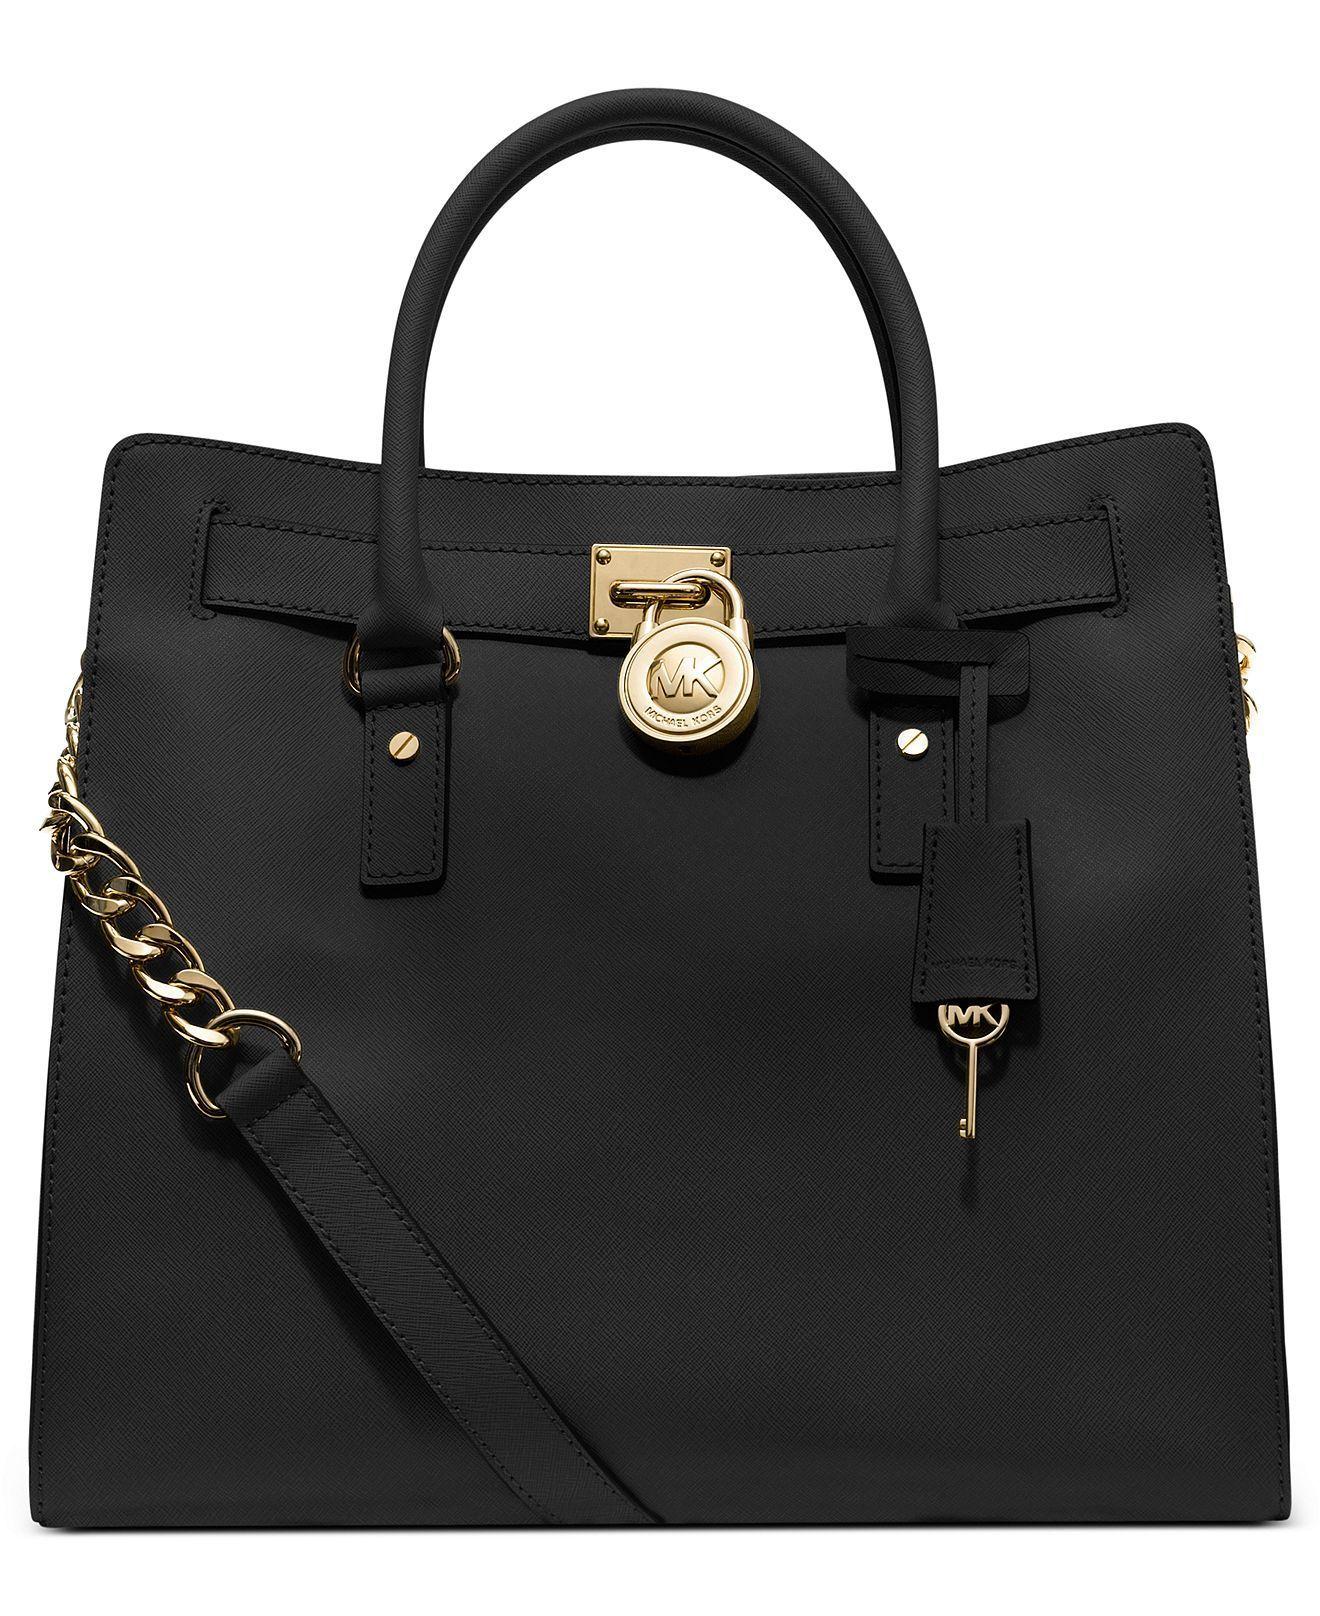 michael kors mat siyah çanta modeli